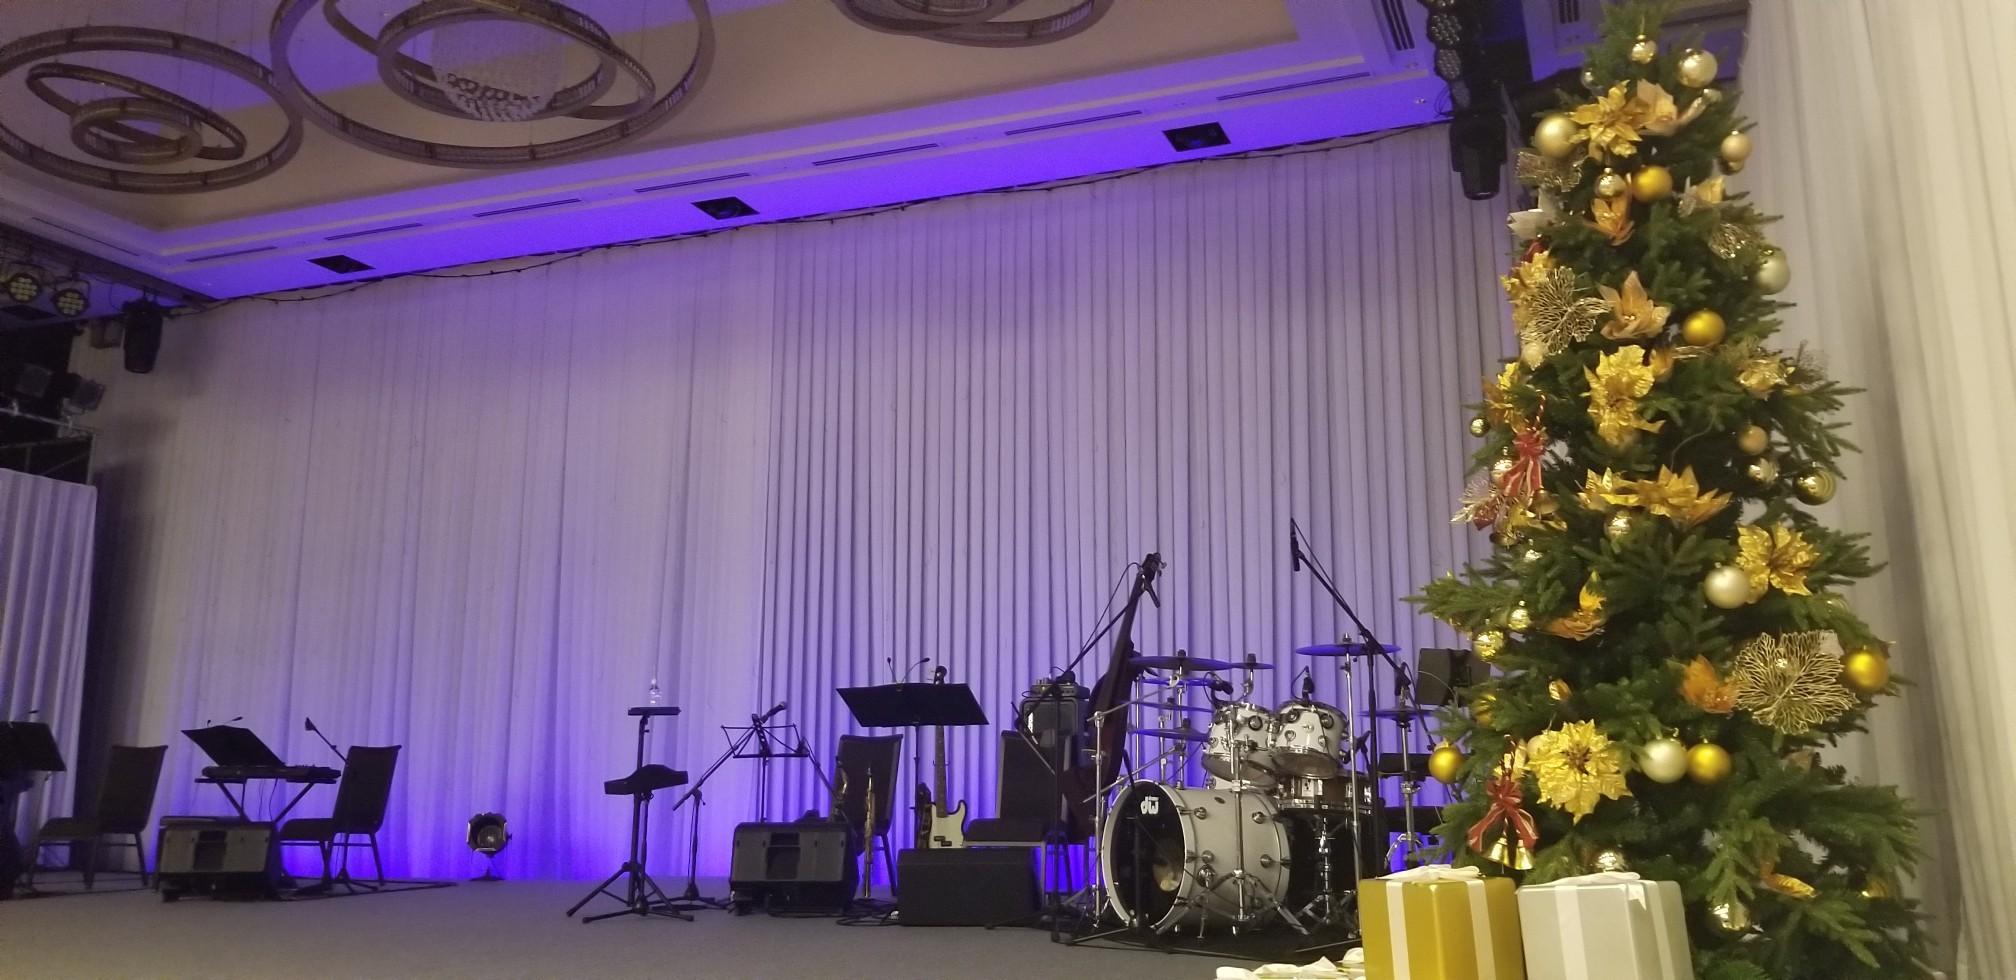 ♪いつまでもクリスマス★七海ひろきディナーショー_d0162225_18475094.jpg